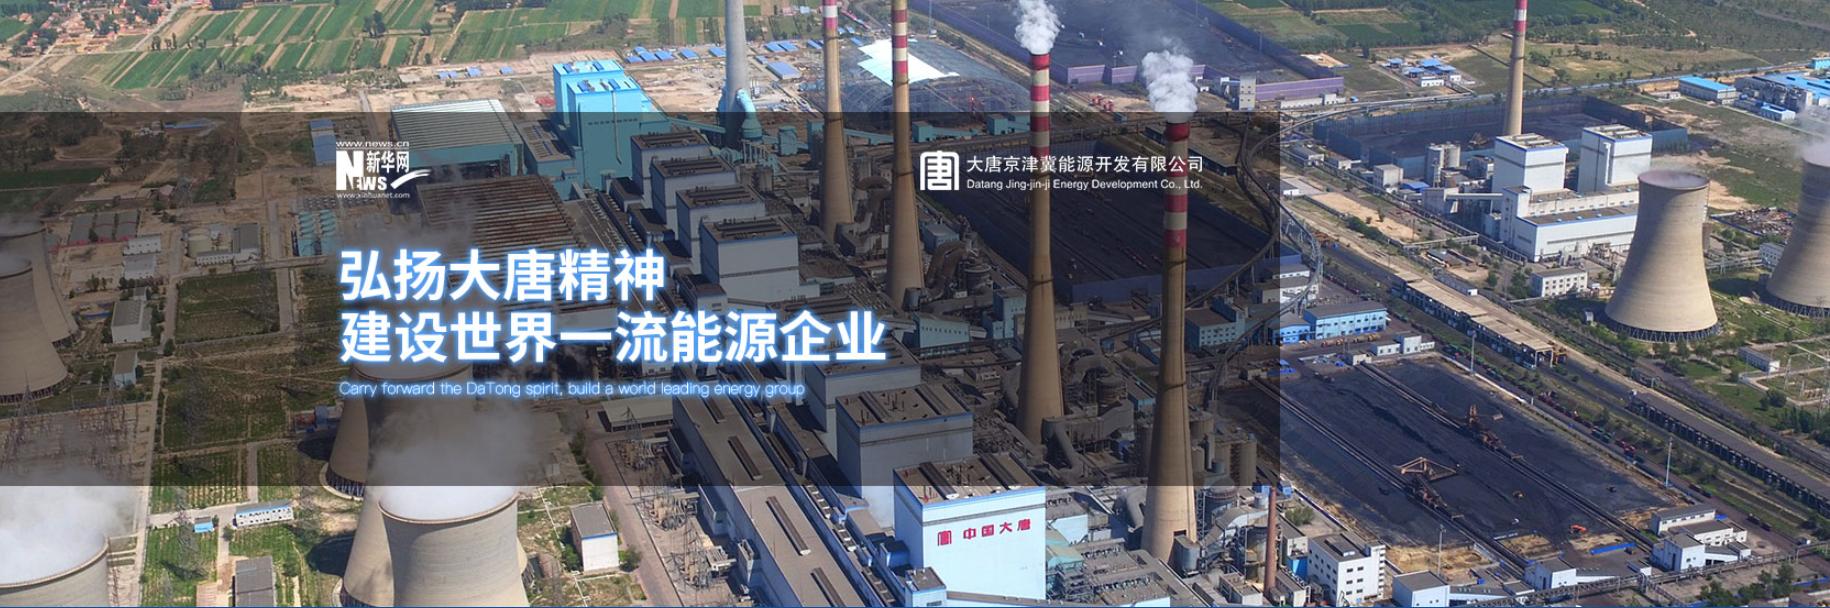 【專題】弘揚大唐精神 建設世界一流能源企業